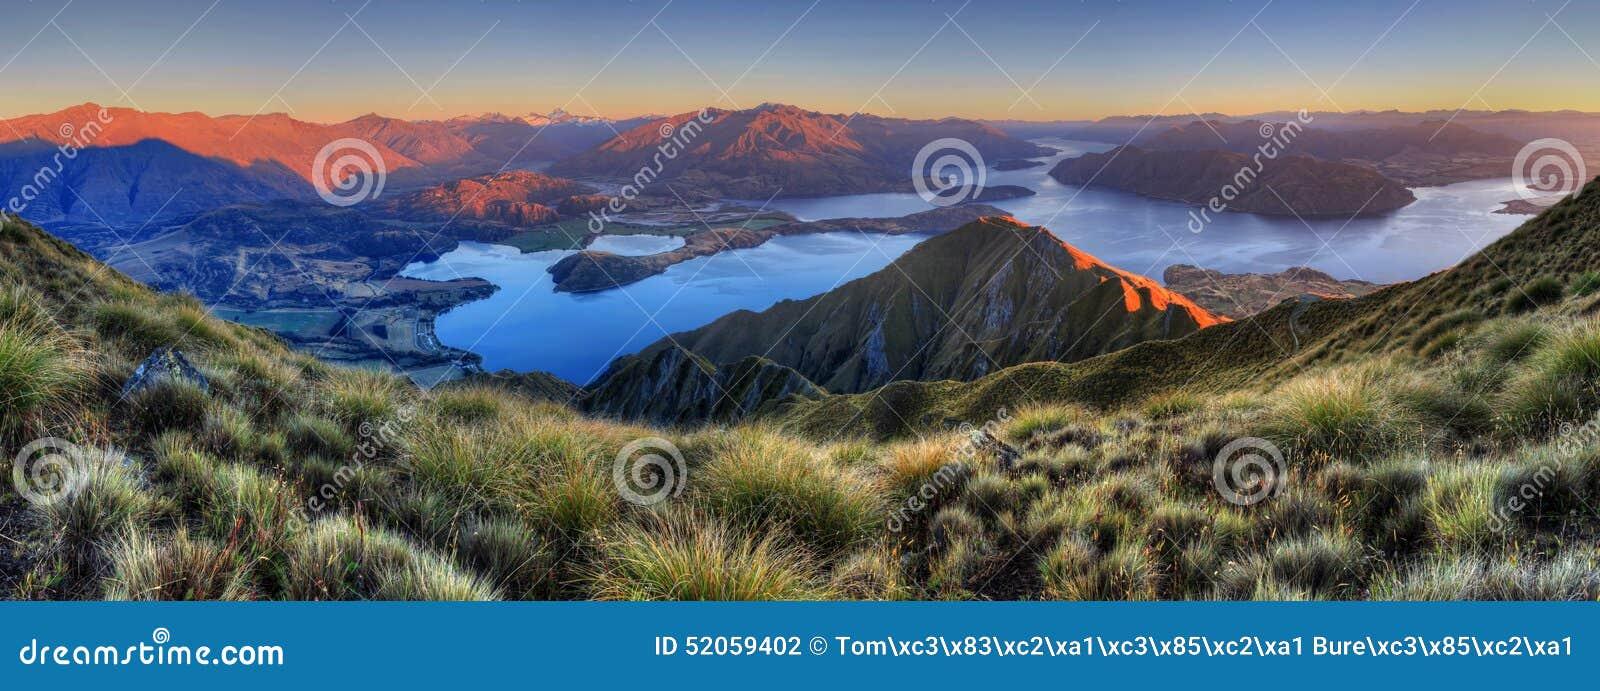 Ny panoramawanaka zealand för lake